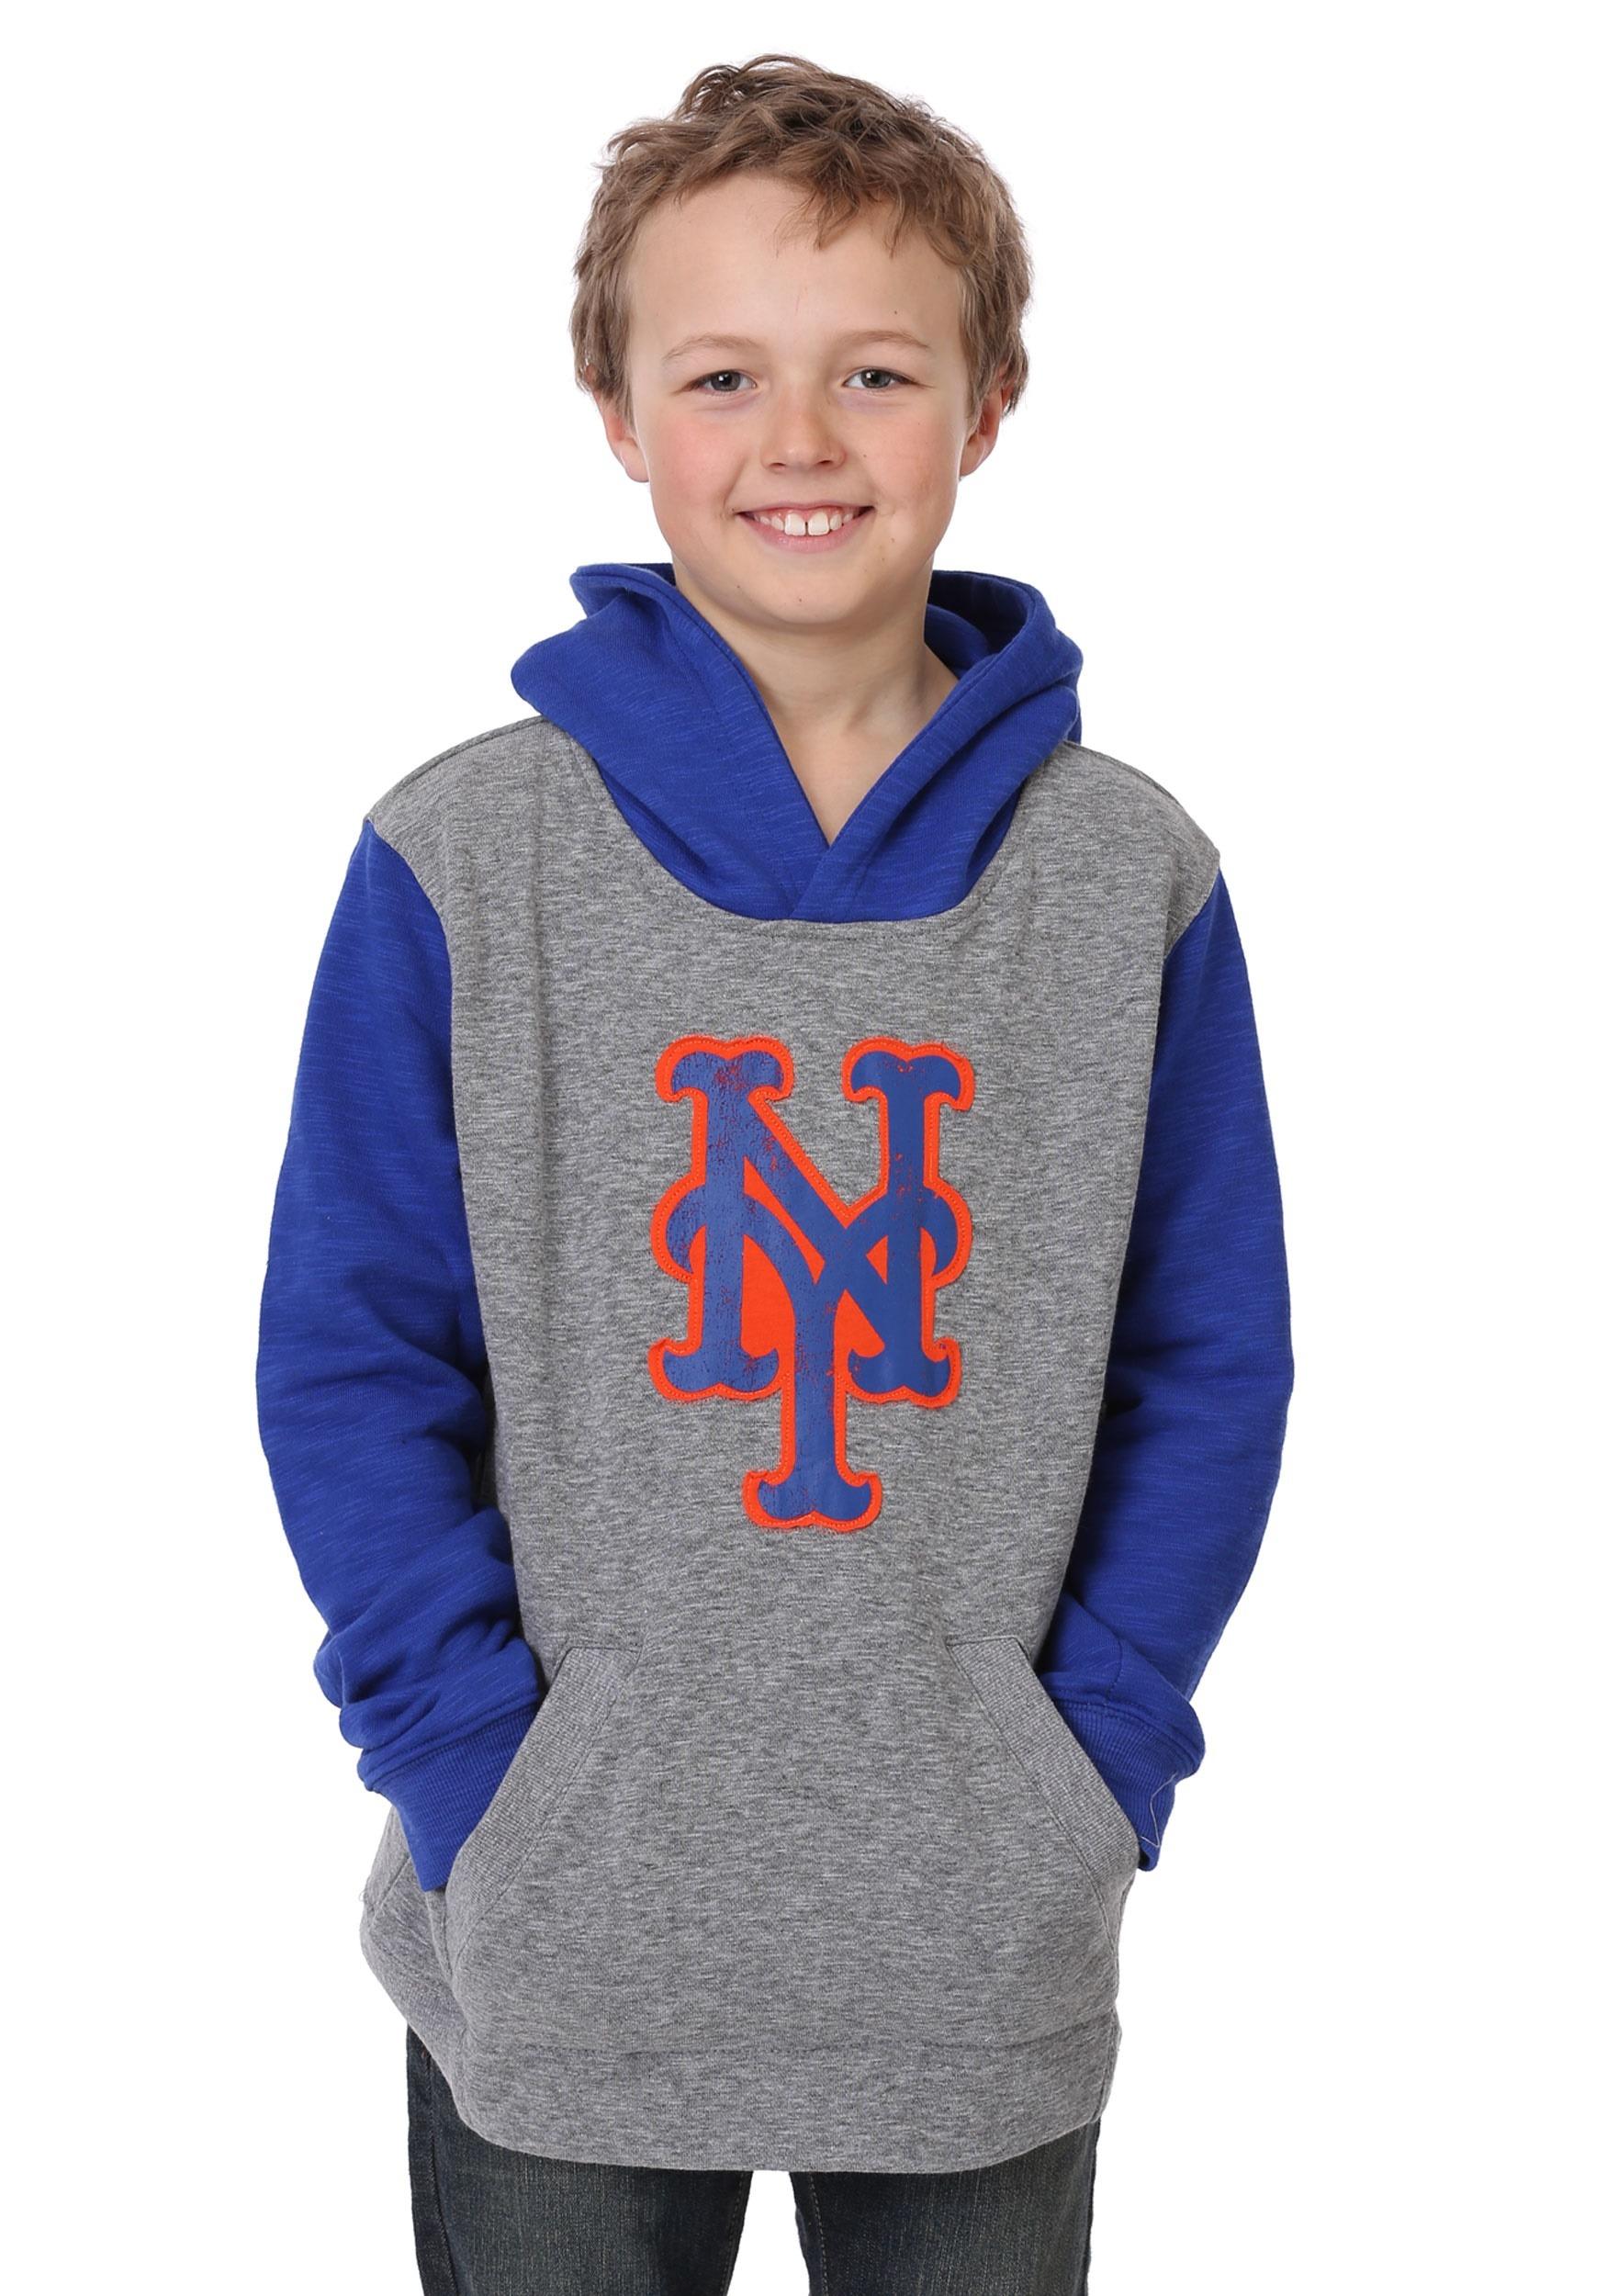 New Beginnings Mets Pullover Hooded Youth Sweatshirt